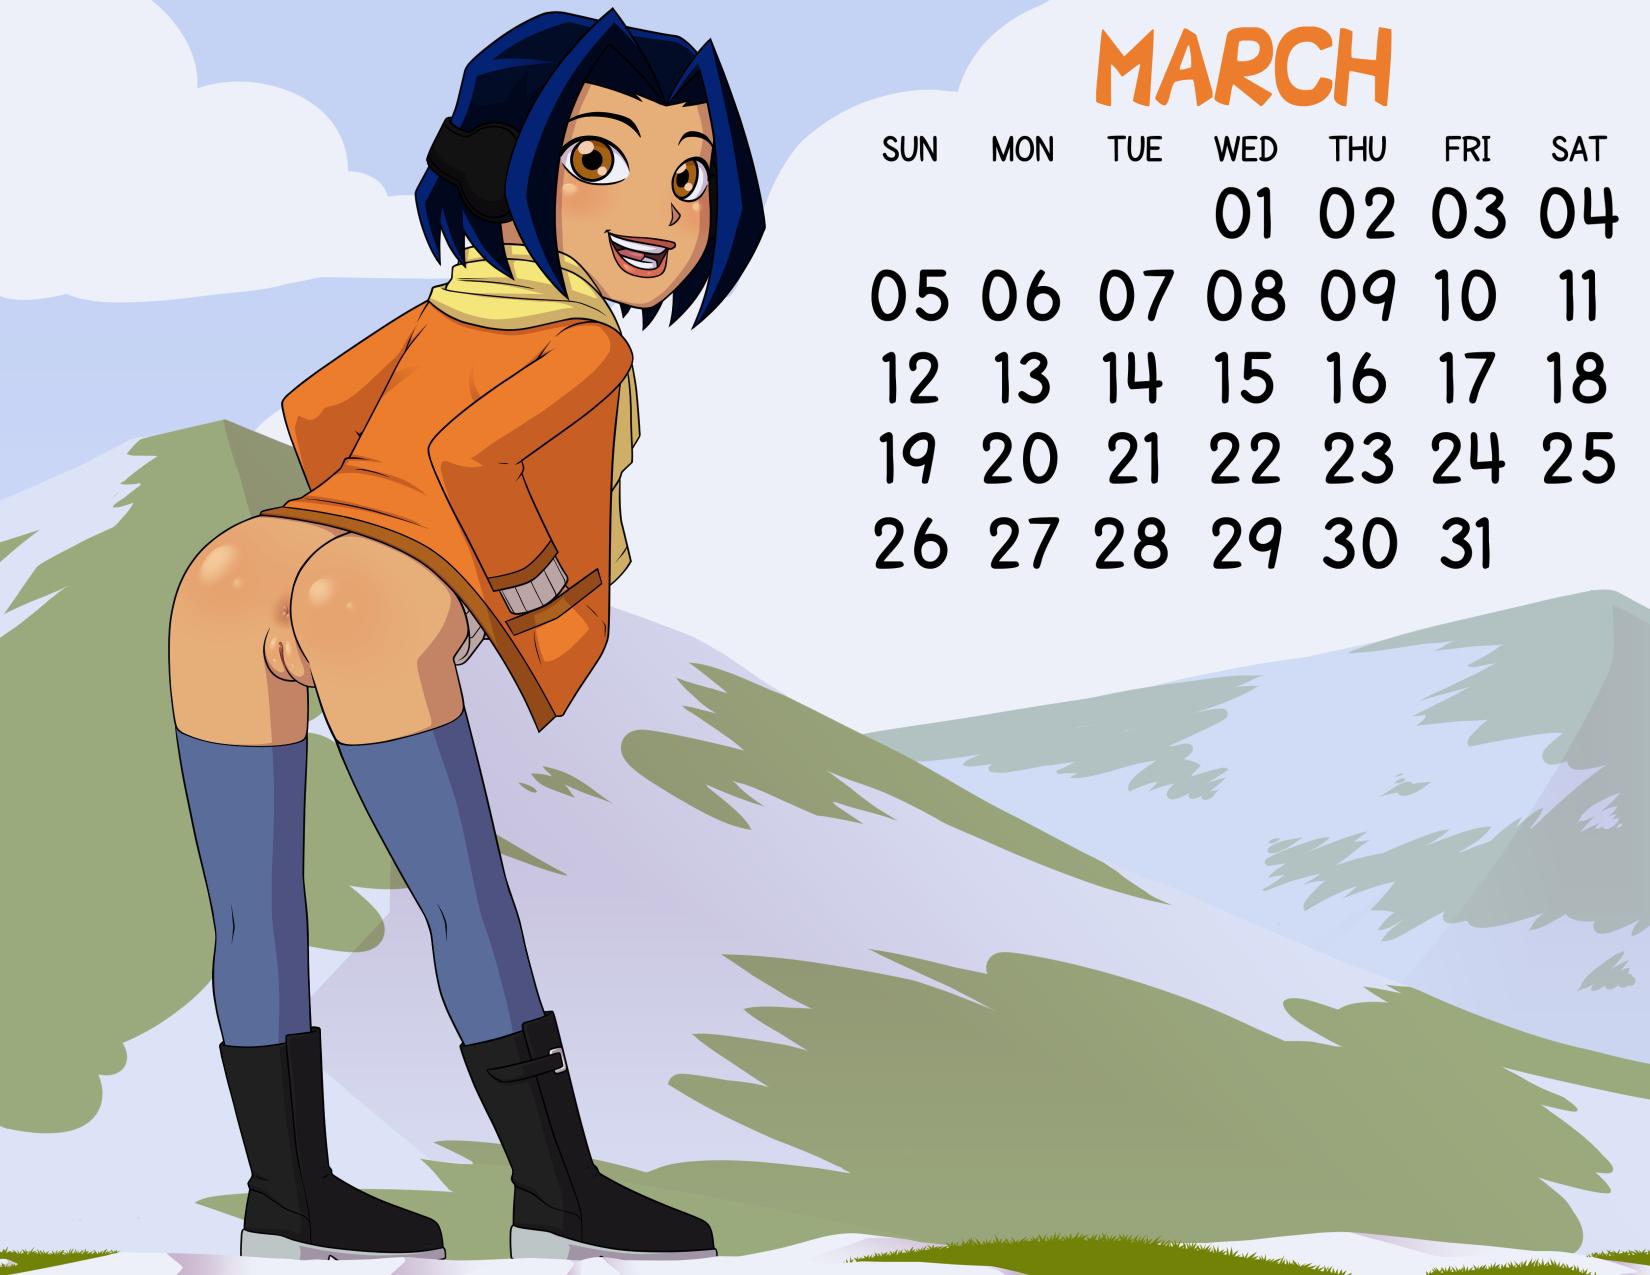 Loli Club Calendar 2017 porn comics Furry, Bikini, Lolicon, Stockings